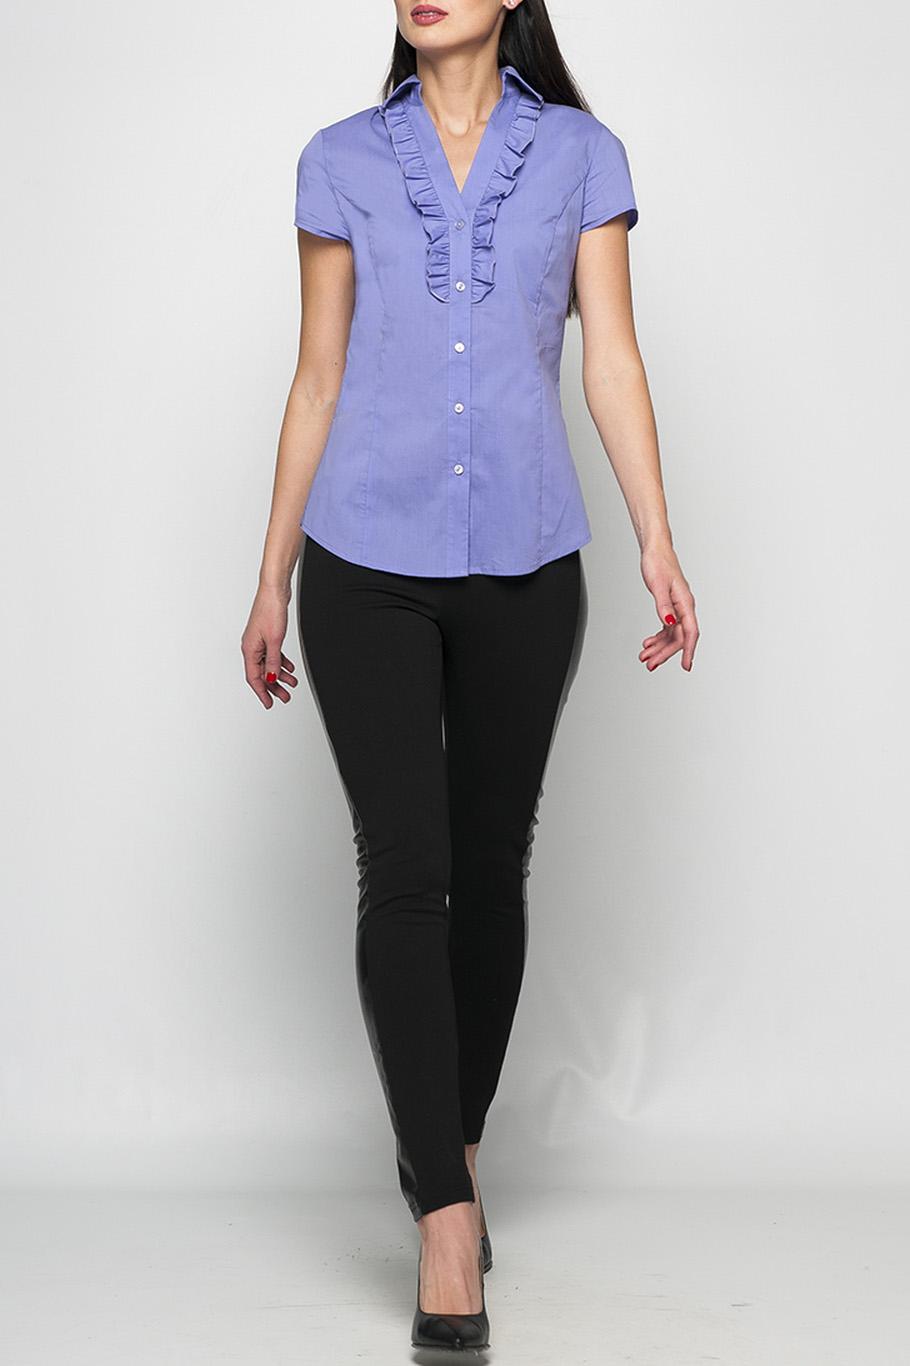 БлузкаБлузки<br>Классическая женская рубашка сиреневого цвета, выполненая из хлопка. Рюши, которые расположены по V-образному вырезу добавляют нотку нежности и делают рубашку более интересной. Прекрасно будет сочетаться как с брюками, так и с юбкой.   Параметры изделия:  44 размер: длина изделия по спинке - 67см, полуобхват по линии груди - 50см;  52 размер: длина изделия по спинке - 69см, полуобхват по линии груди - 58см.  Цвет: сиреневый  Рост девушки-фотомодели 175 см.<br><br>Горловина: V- горловина<br>Застежка: С пуговицами<br>По материалу: Хлопок<br>По рисунку: Однотонные<br>По сезону: Весна,Зима,Лето,Осень,Всесезон<br>По силуэту: Приталенные<br>По стилю: Офисный стиль,Повседневный стиль,Летний стиль<br>По элементам: С воланами и рюшами,С декором<br>Рукав: Короткий рукав<br>Размер : 46,48,50,60<br>Материал: Хлопок<br>Количество в наличии: 4